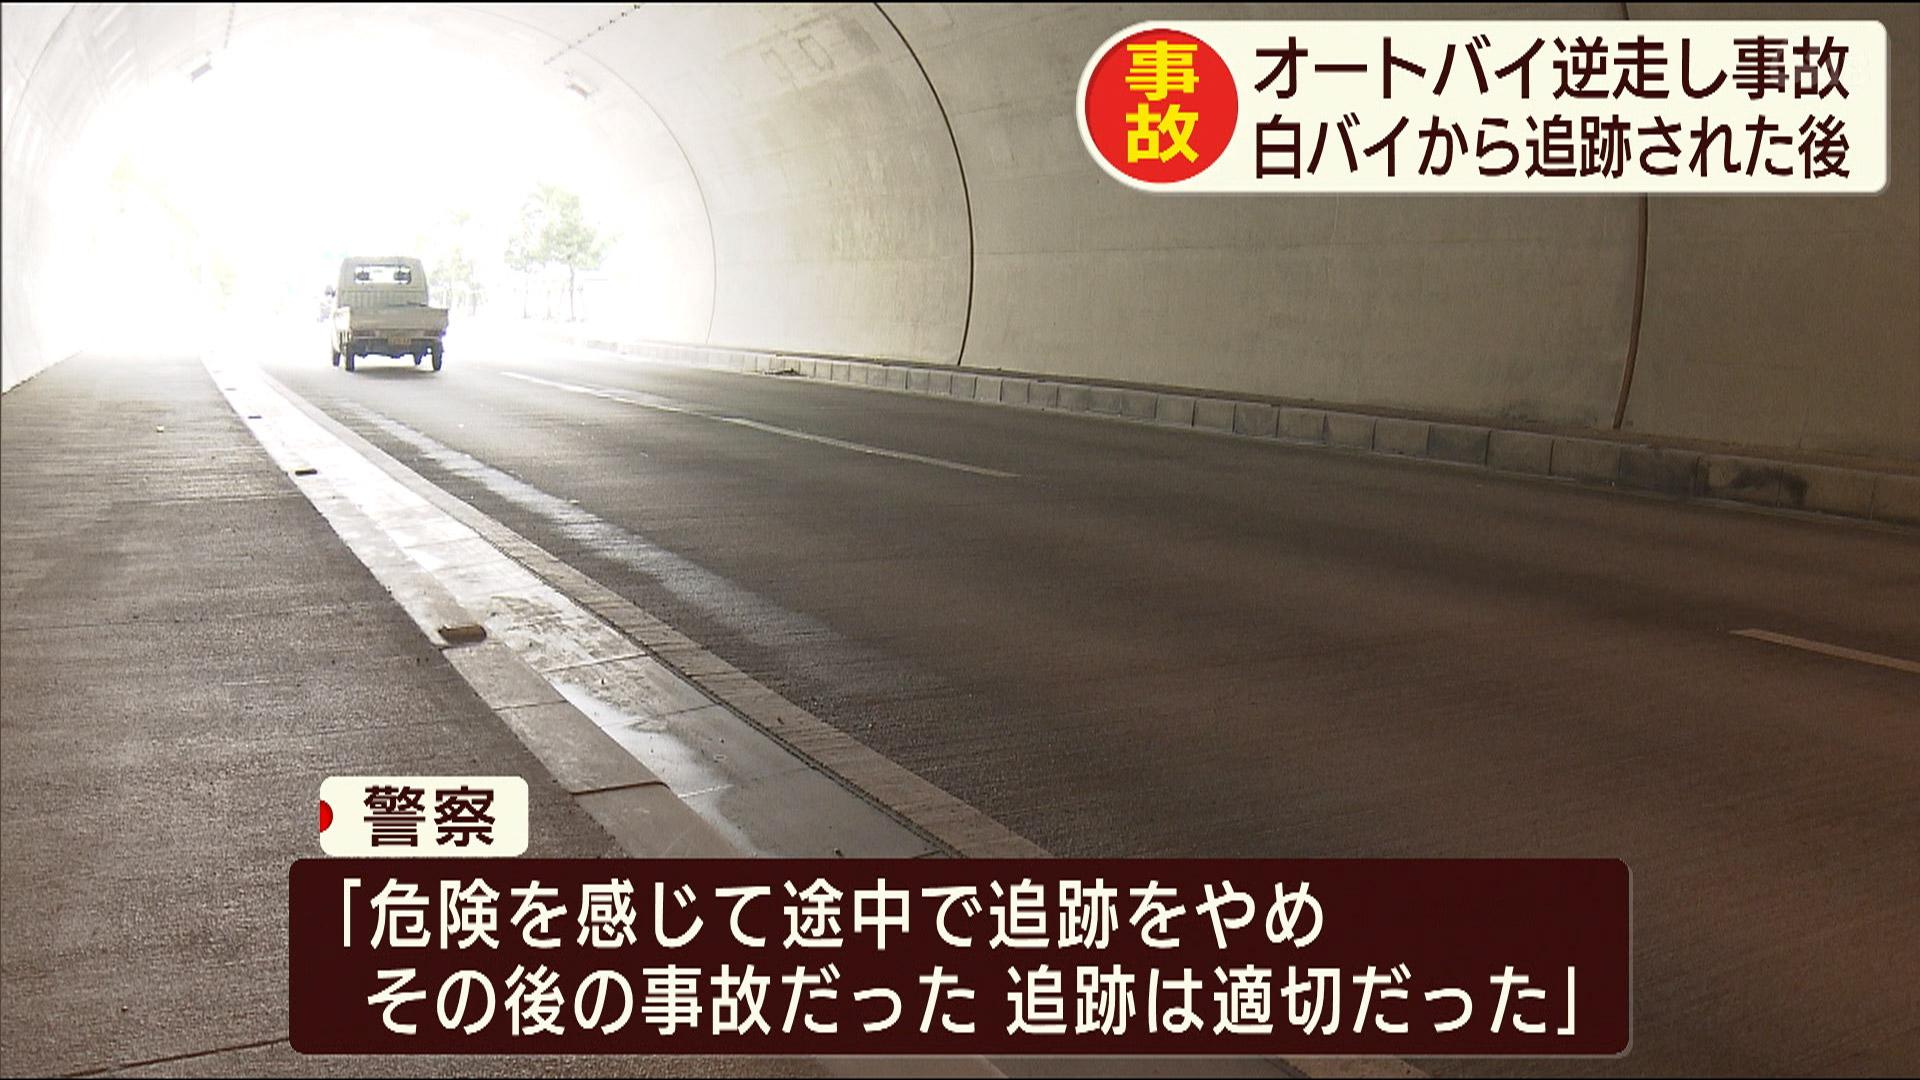 オートバイ逆走し事故 白バイが追跡後